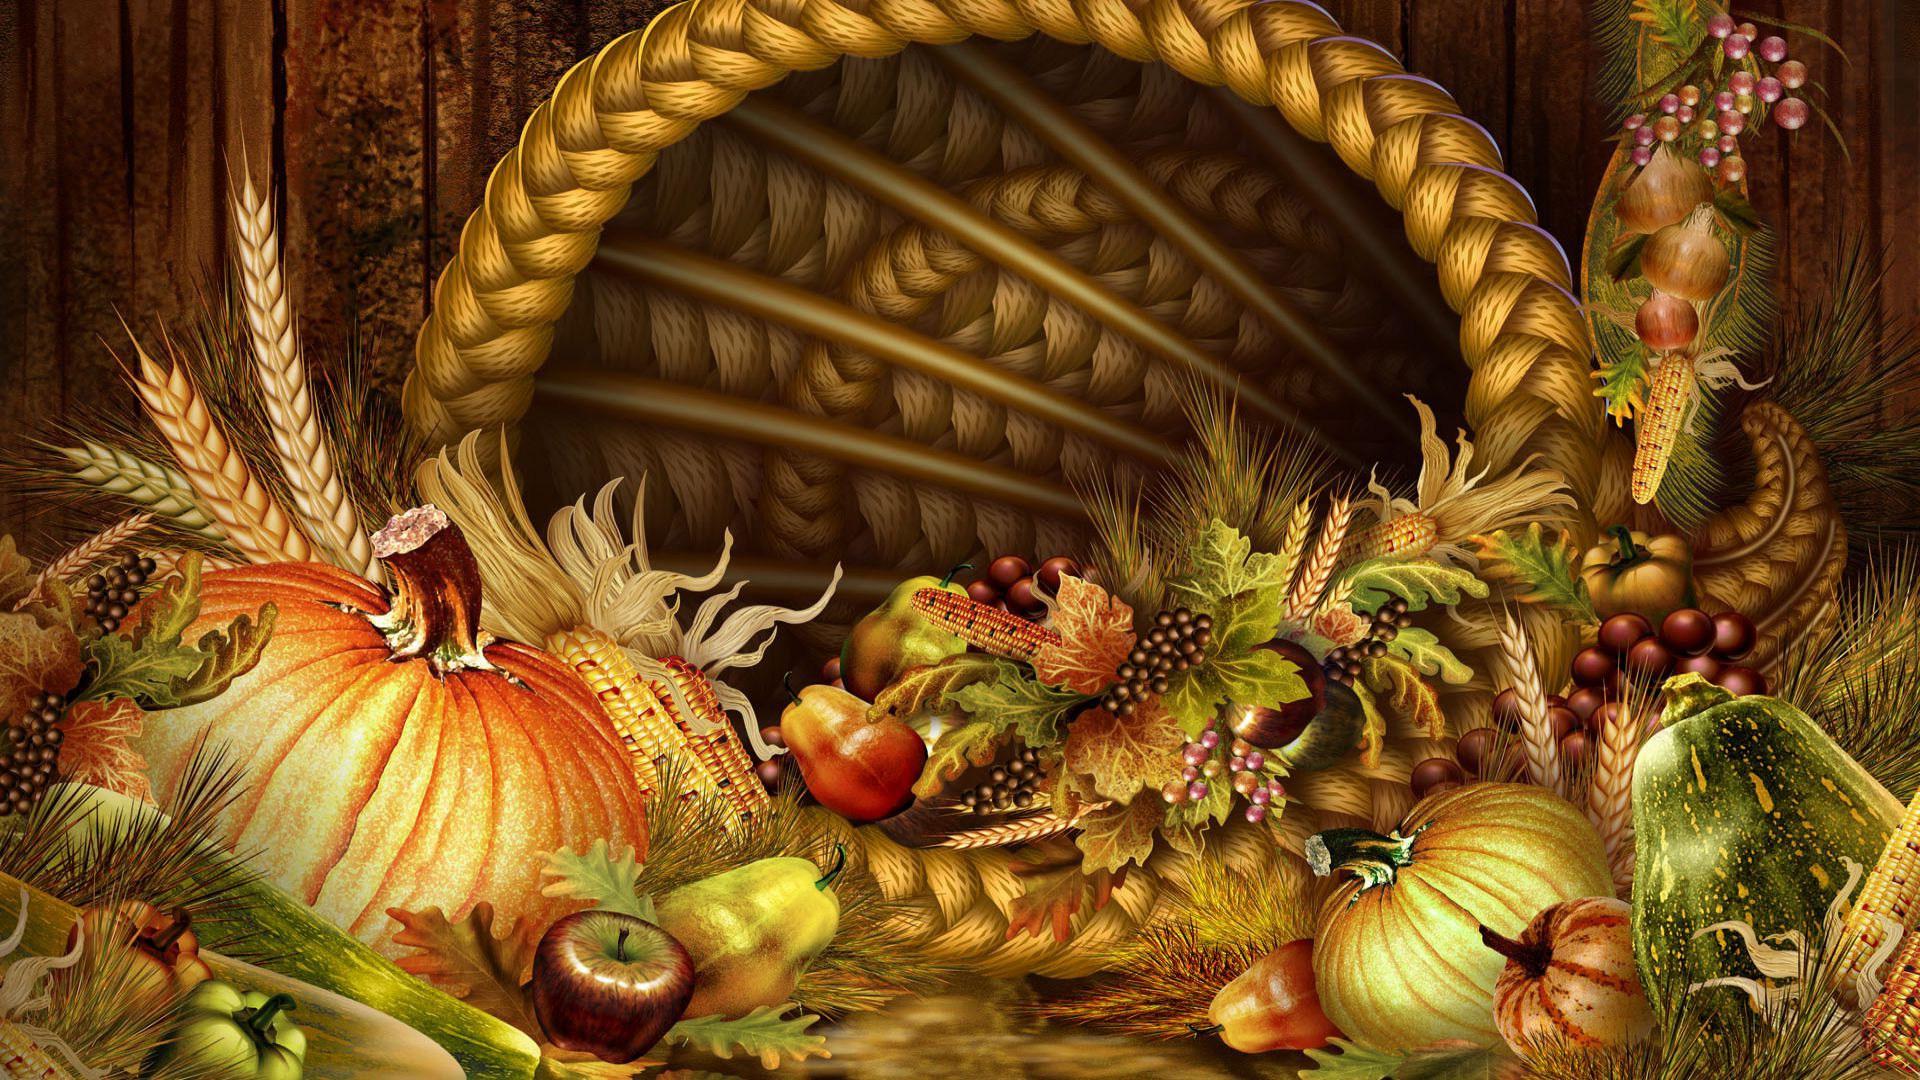 3d thanksgiving wallpaper wallpapersafari - Thanksgiving day wallpaper 3d ...